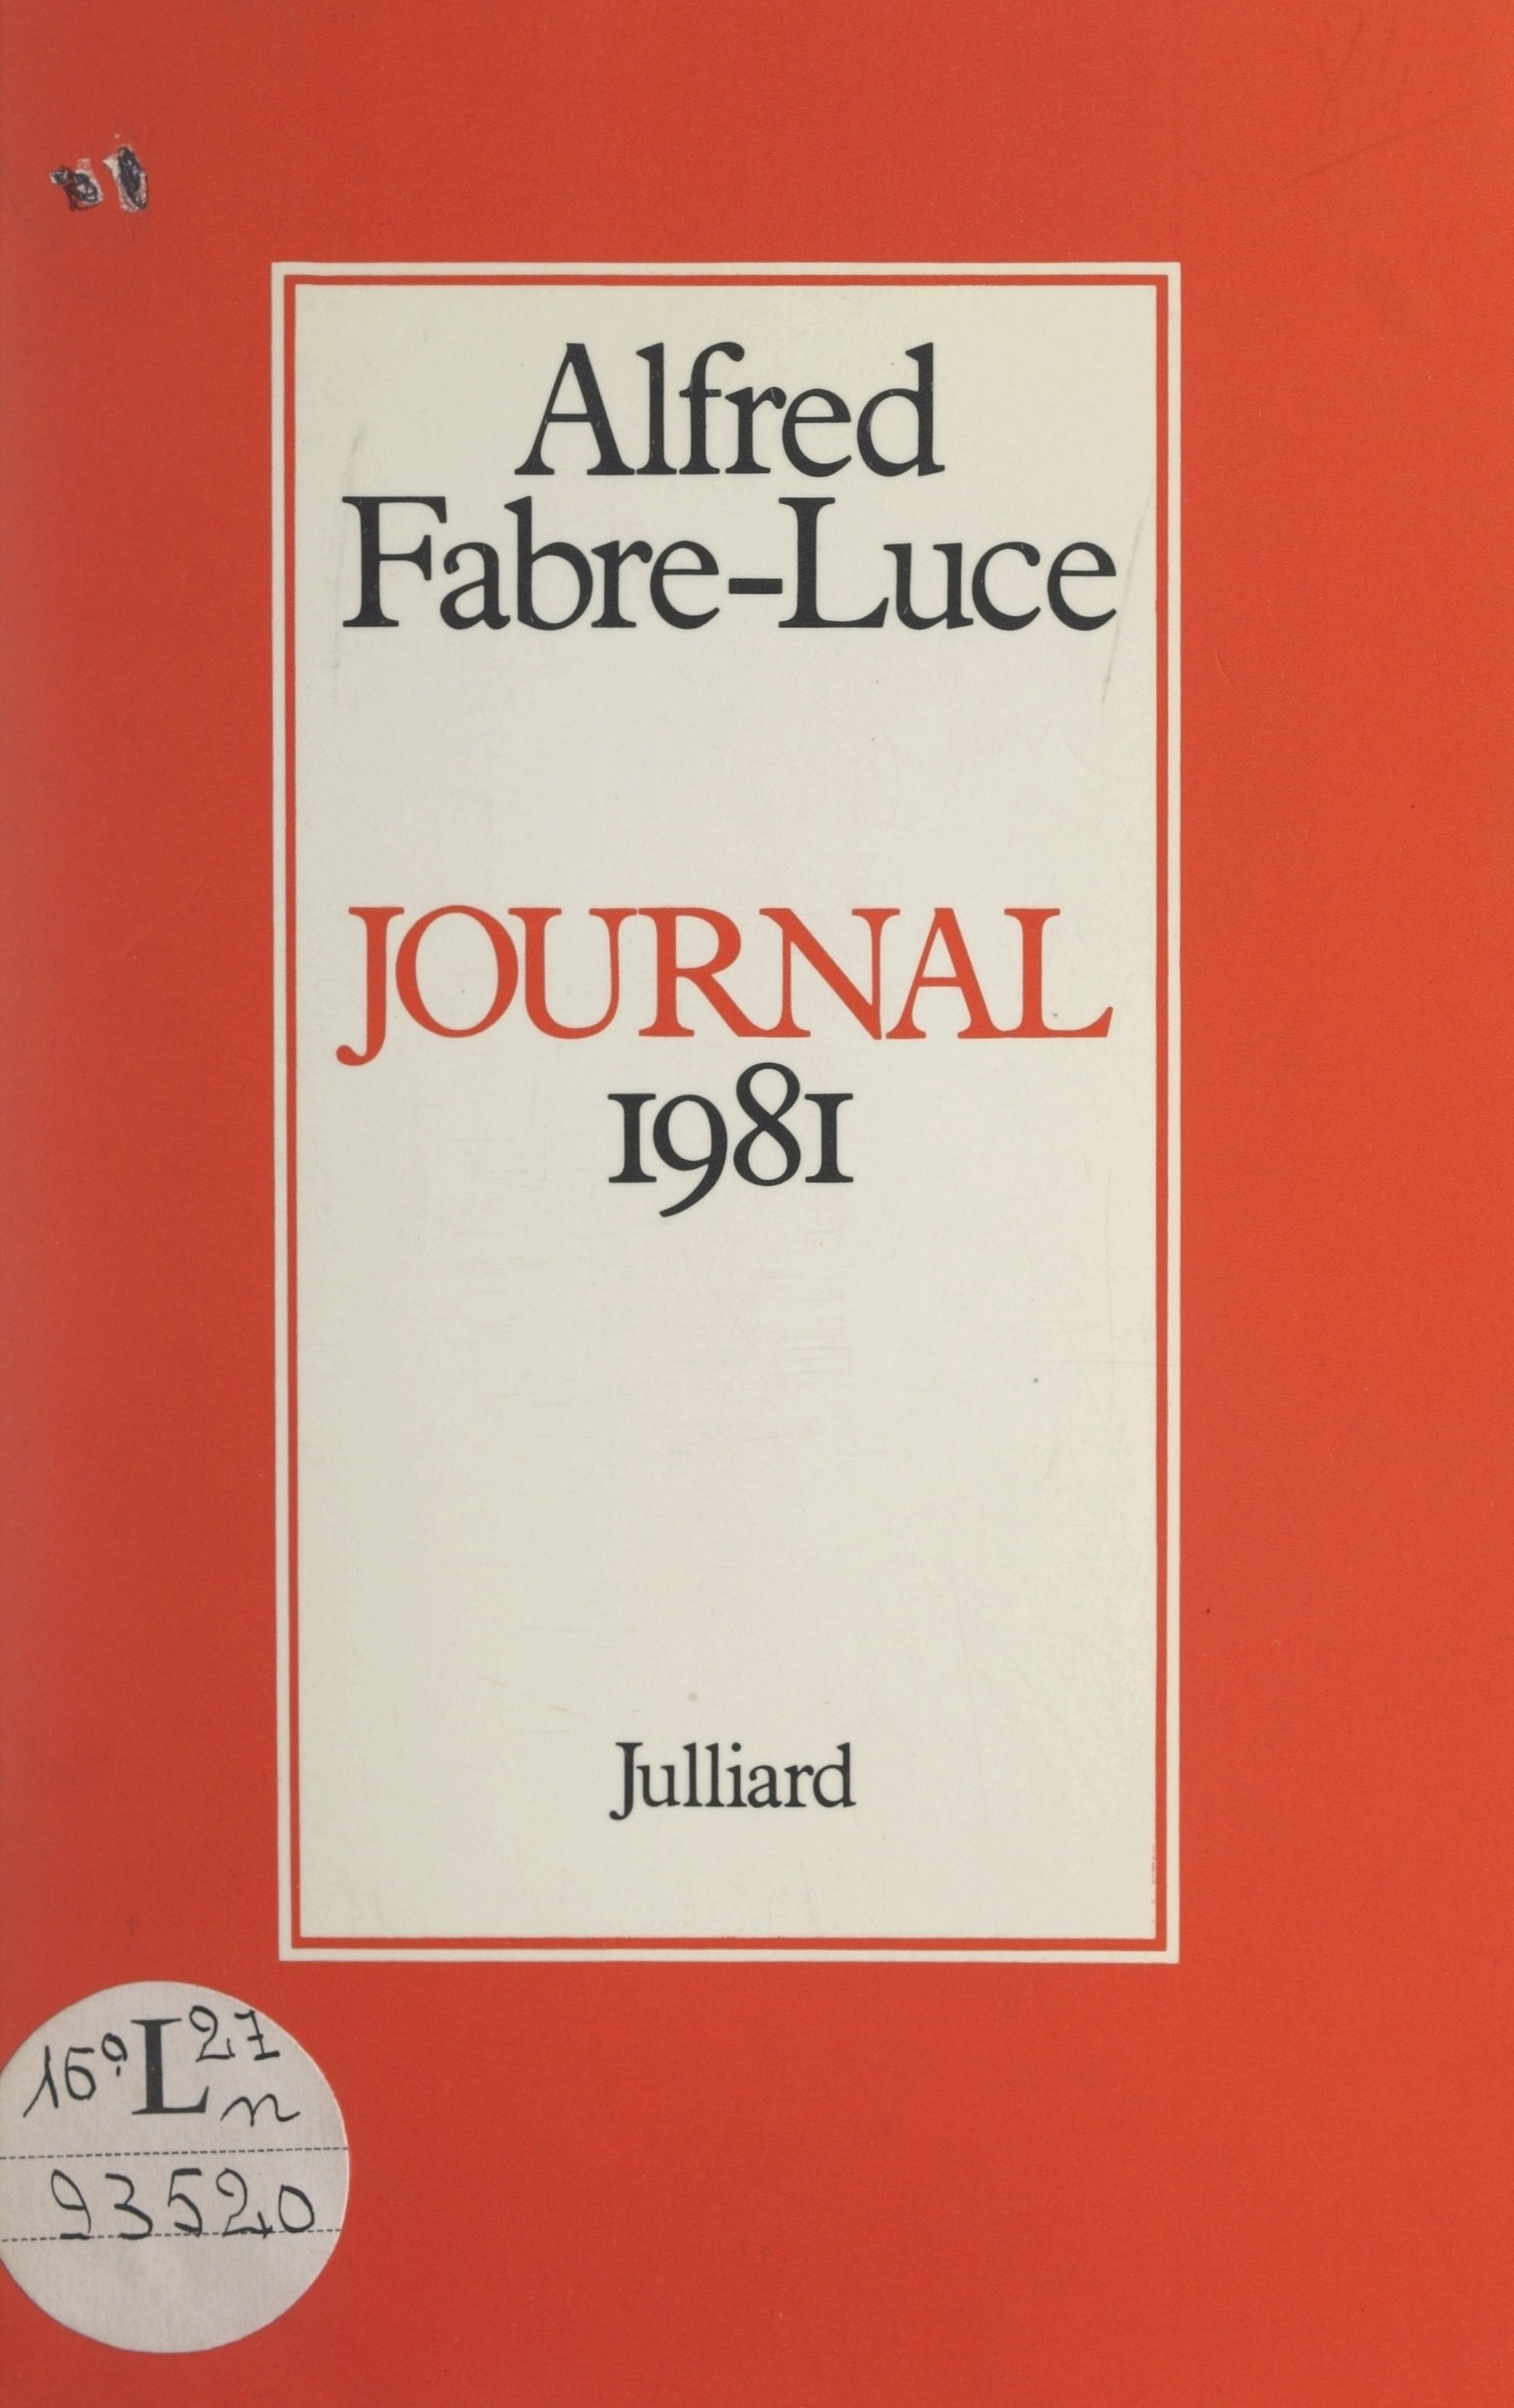 Journal 1981